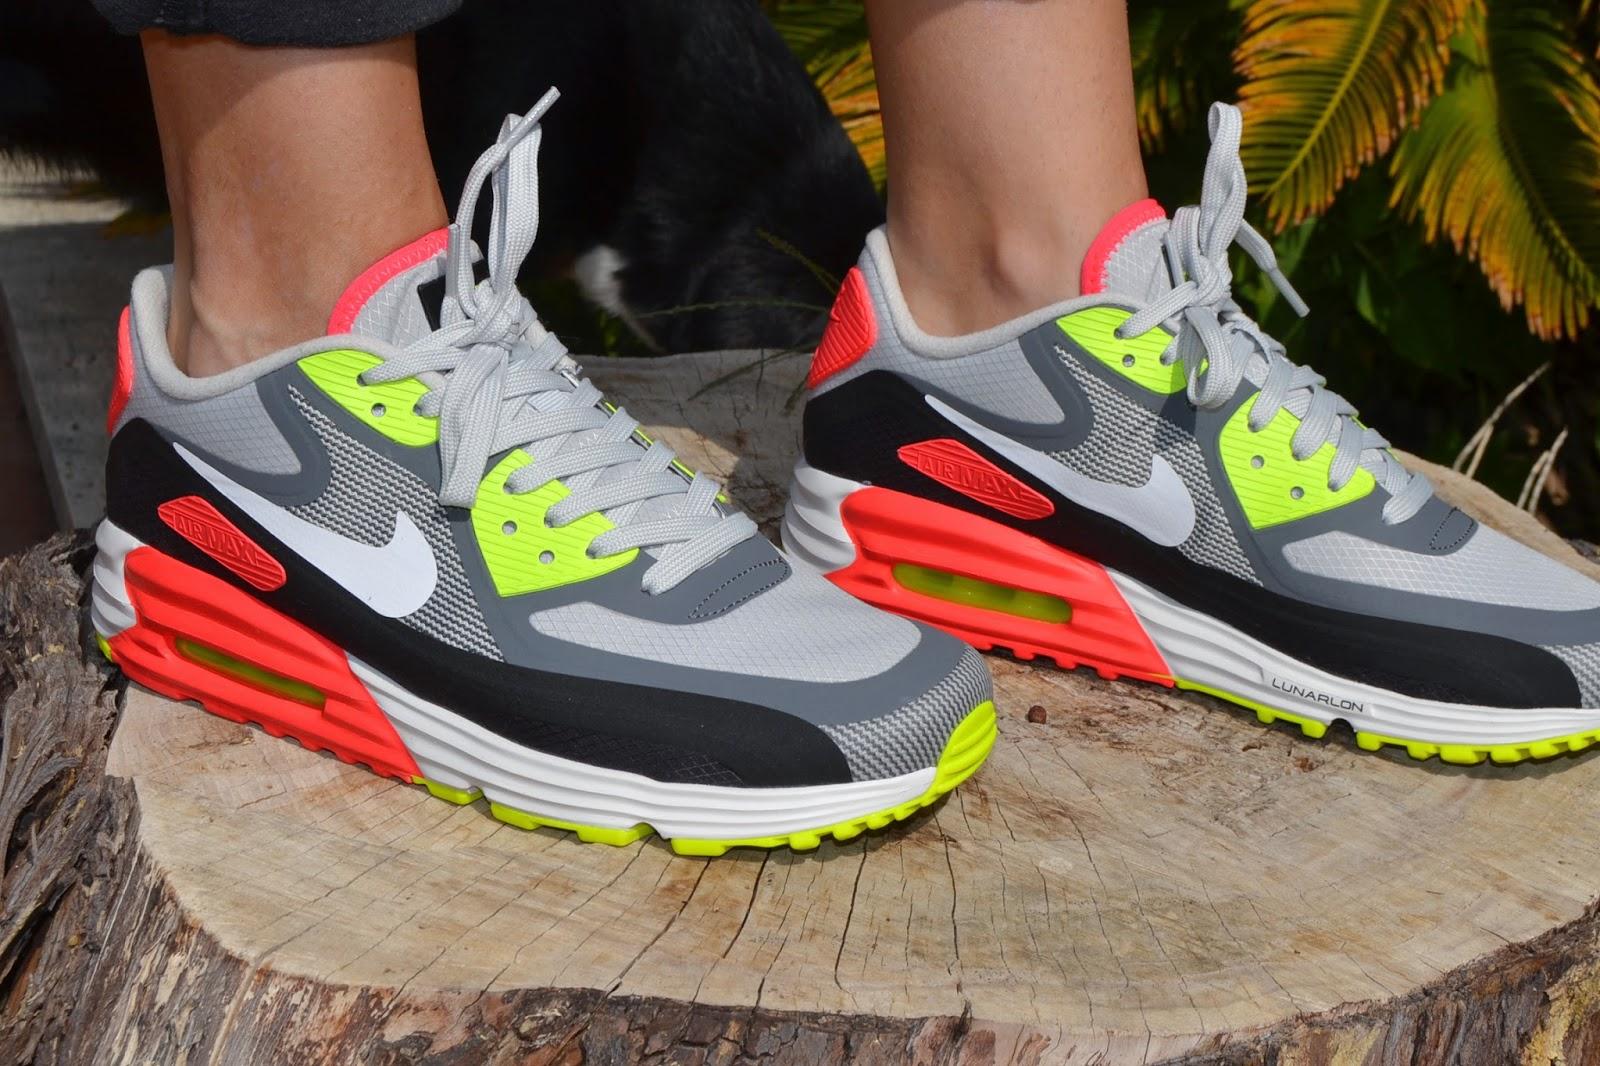 Rabatt Syriously in Fashion: Nike Air Max 90 Lunar WR